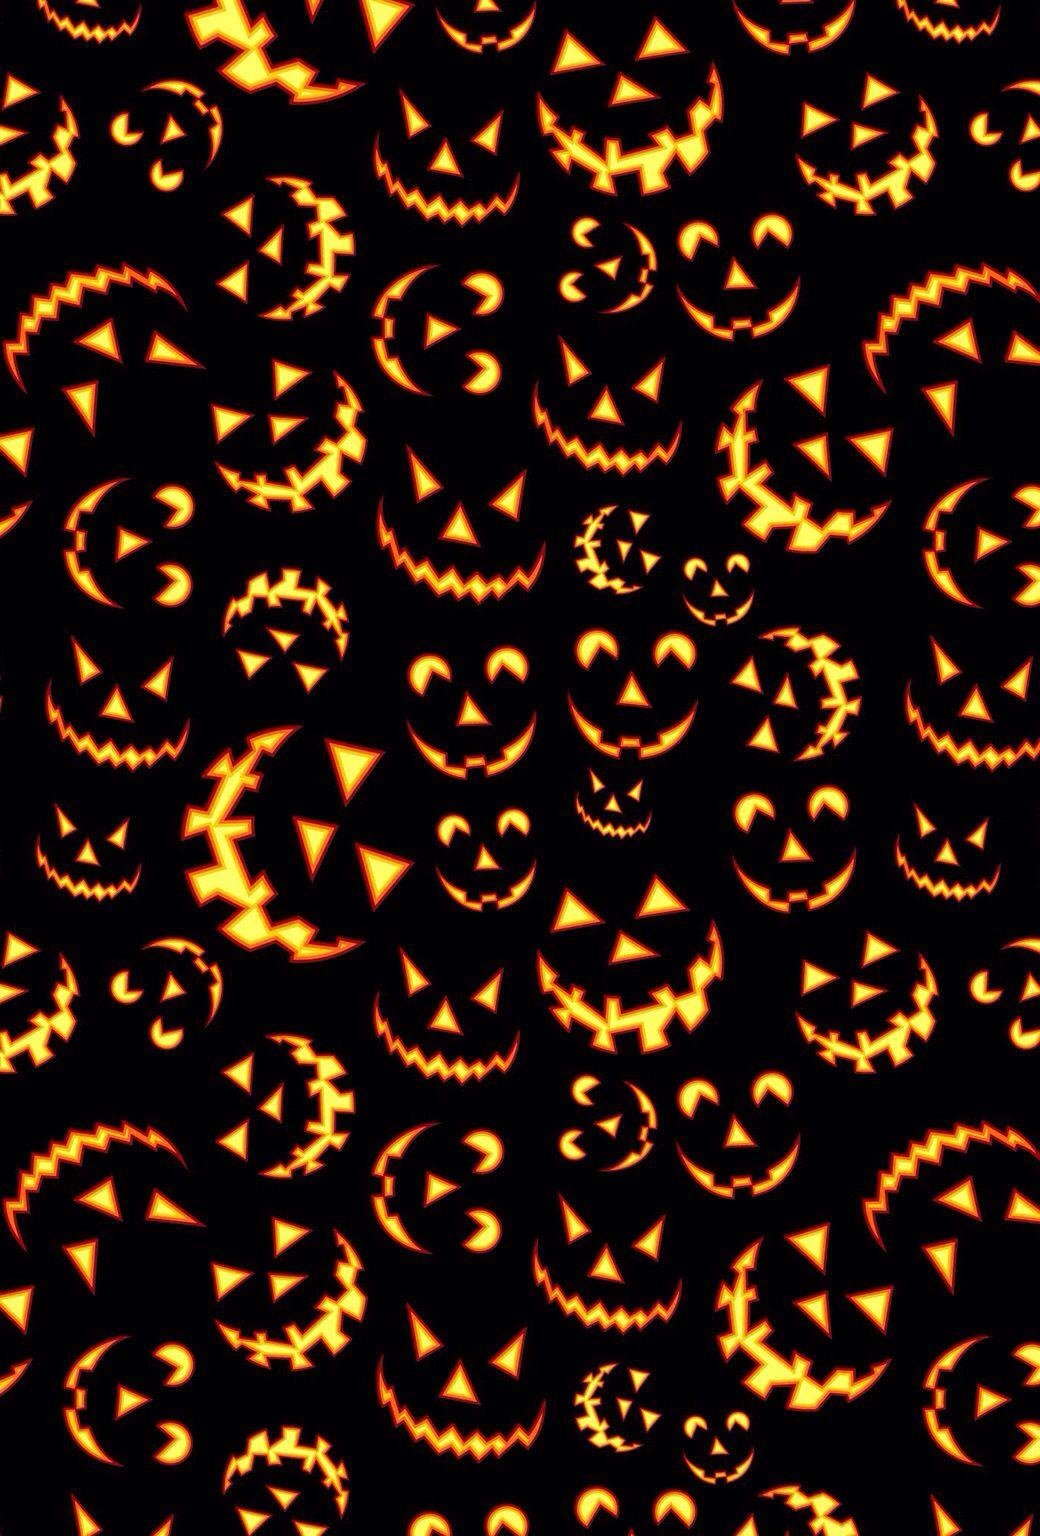 Cool background Cool Backgound Halloween wallpaper Halloween 1040x1536